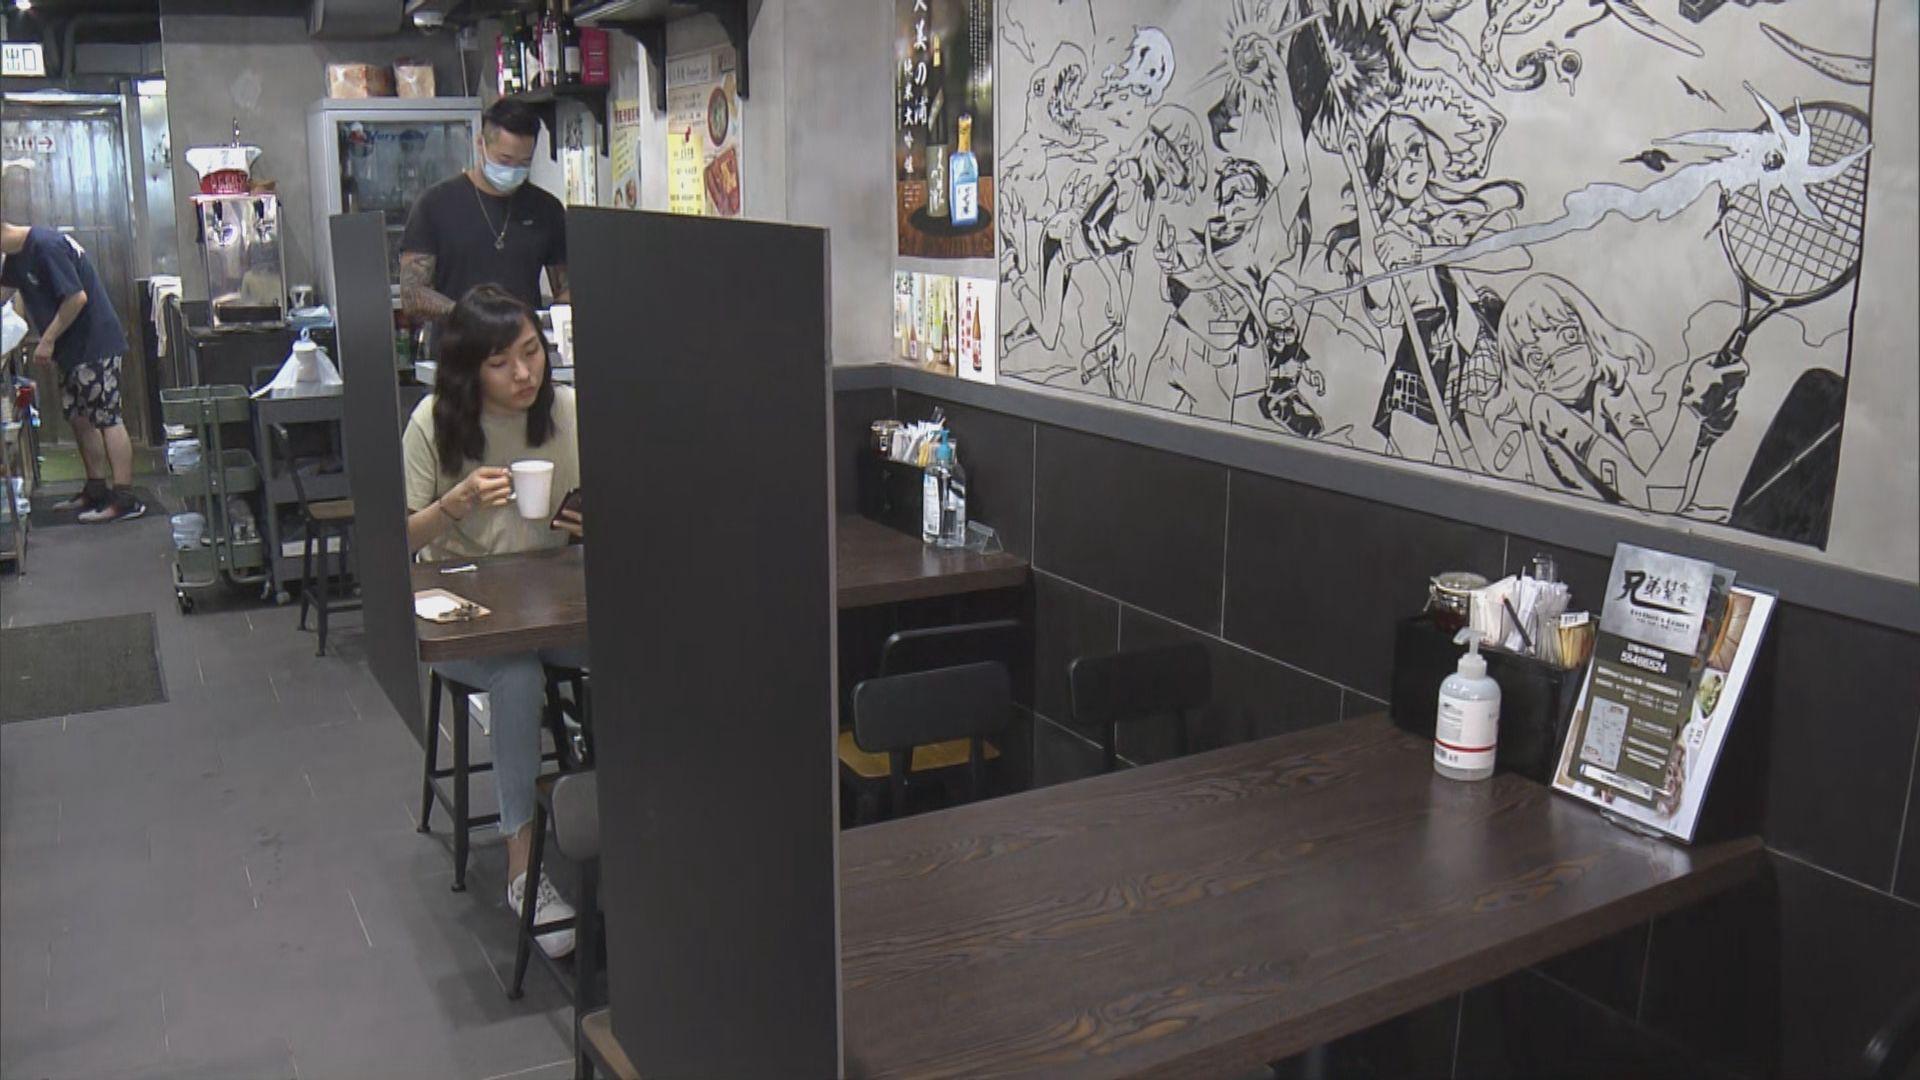 政府收緊防疫措施 有餐廳決定取消晚市